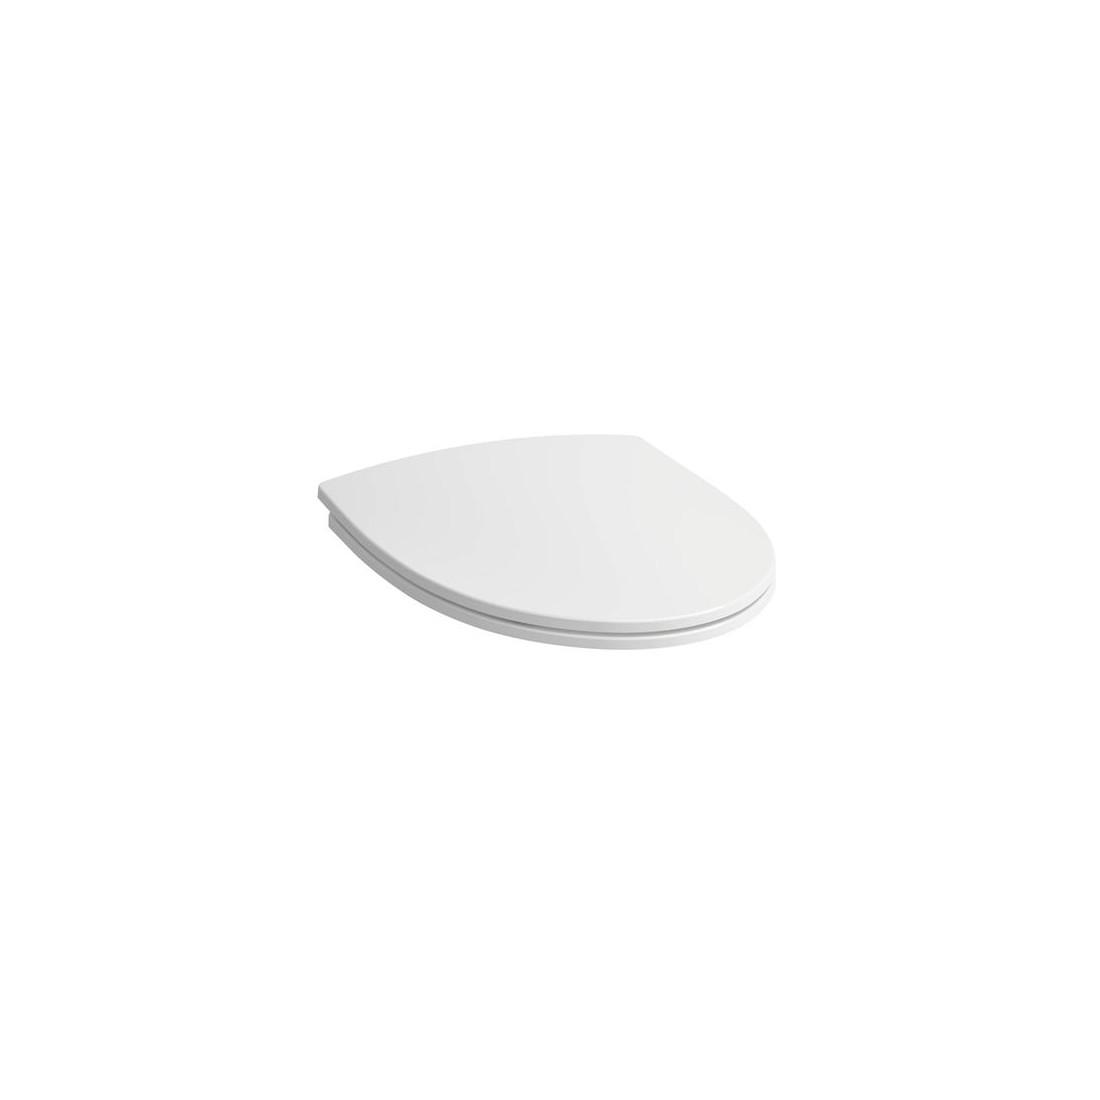 Sėdynė su dangčiu RIGO soft-close, balta